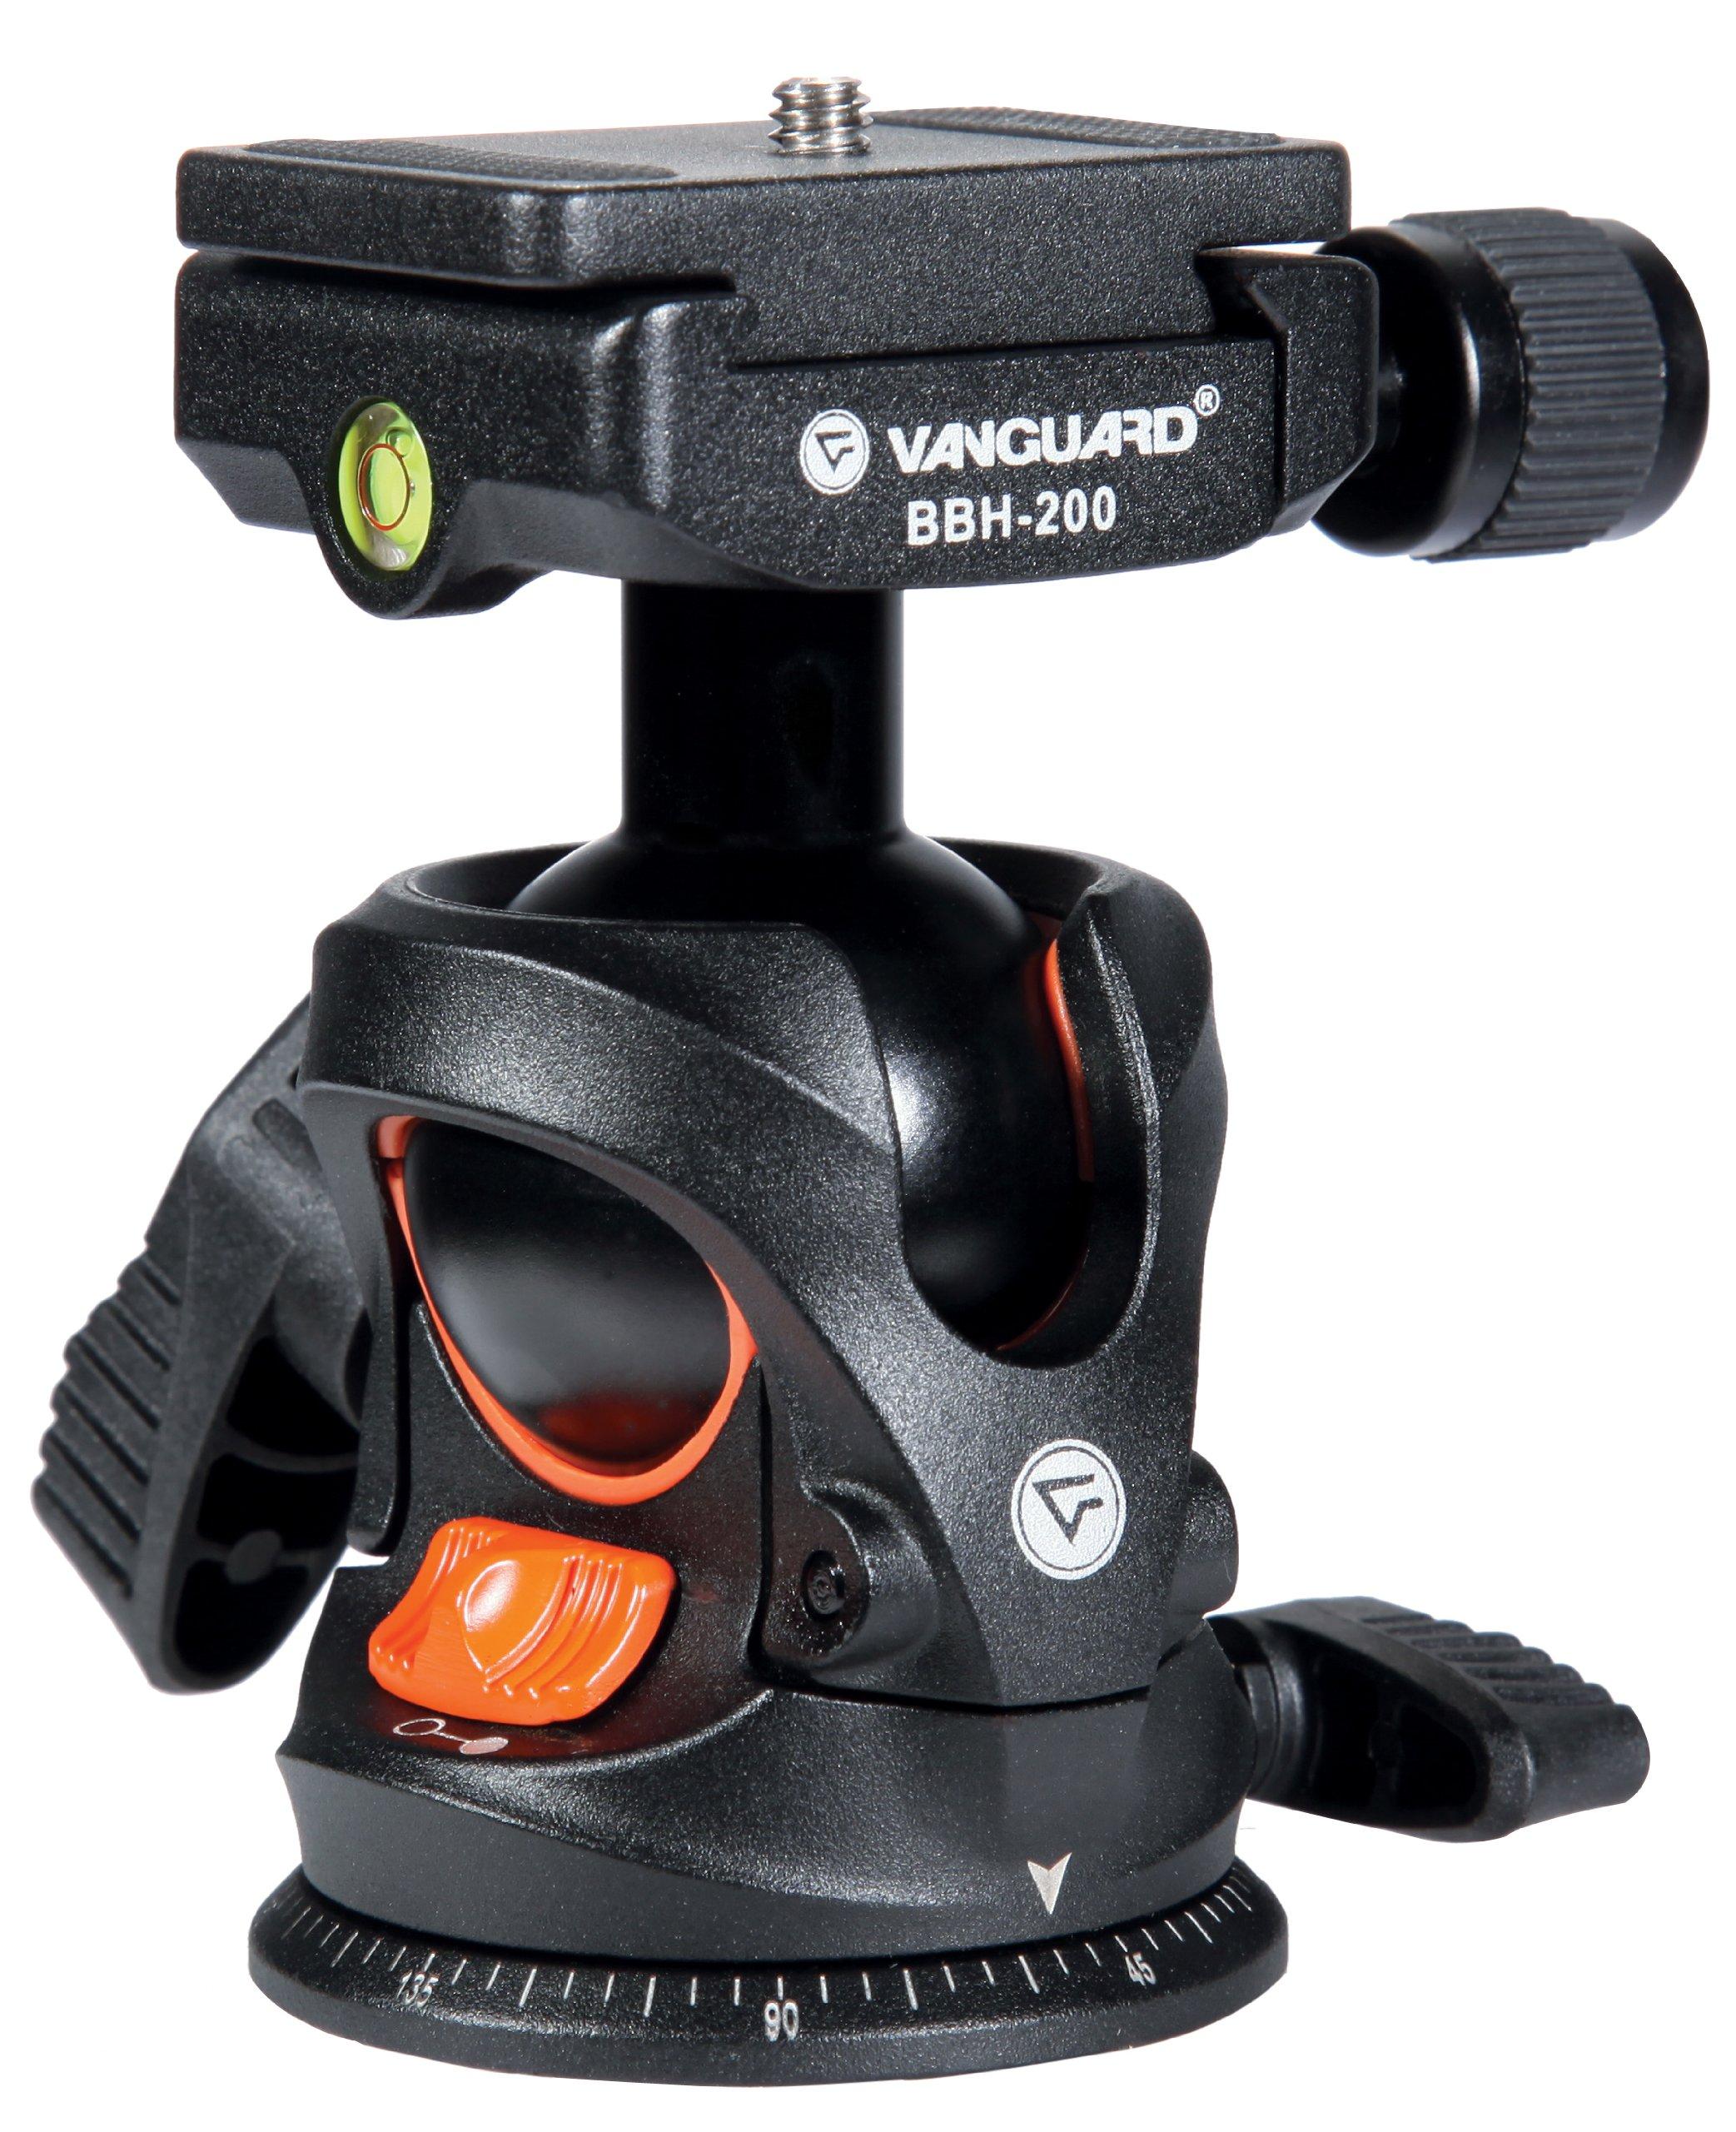 Vanguard BBH-200 - Rótula de bola de aleación de magnesio para trípode, negro